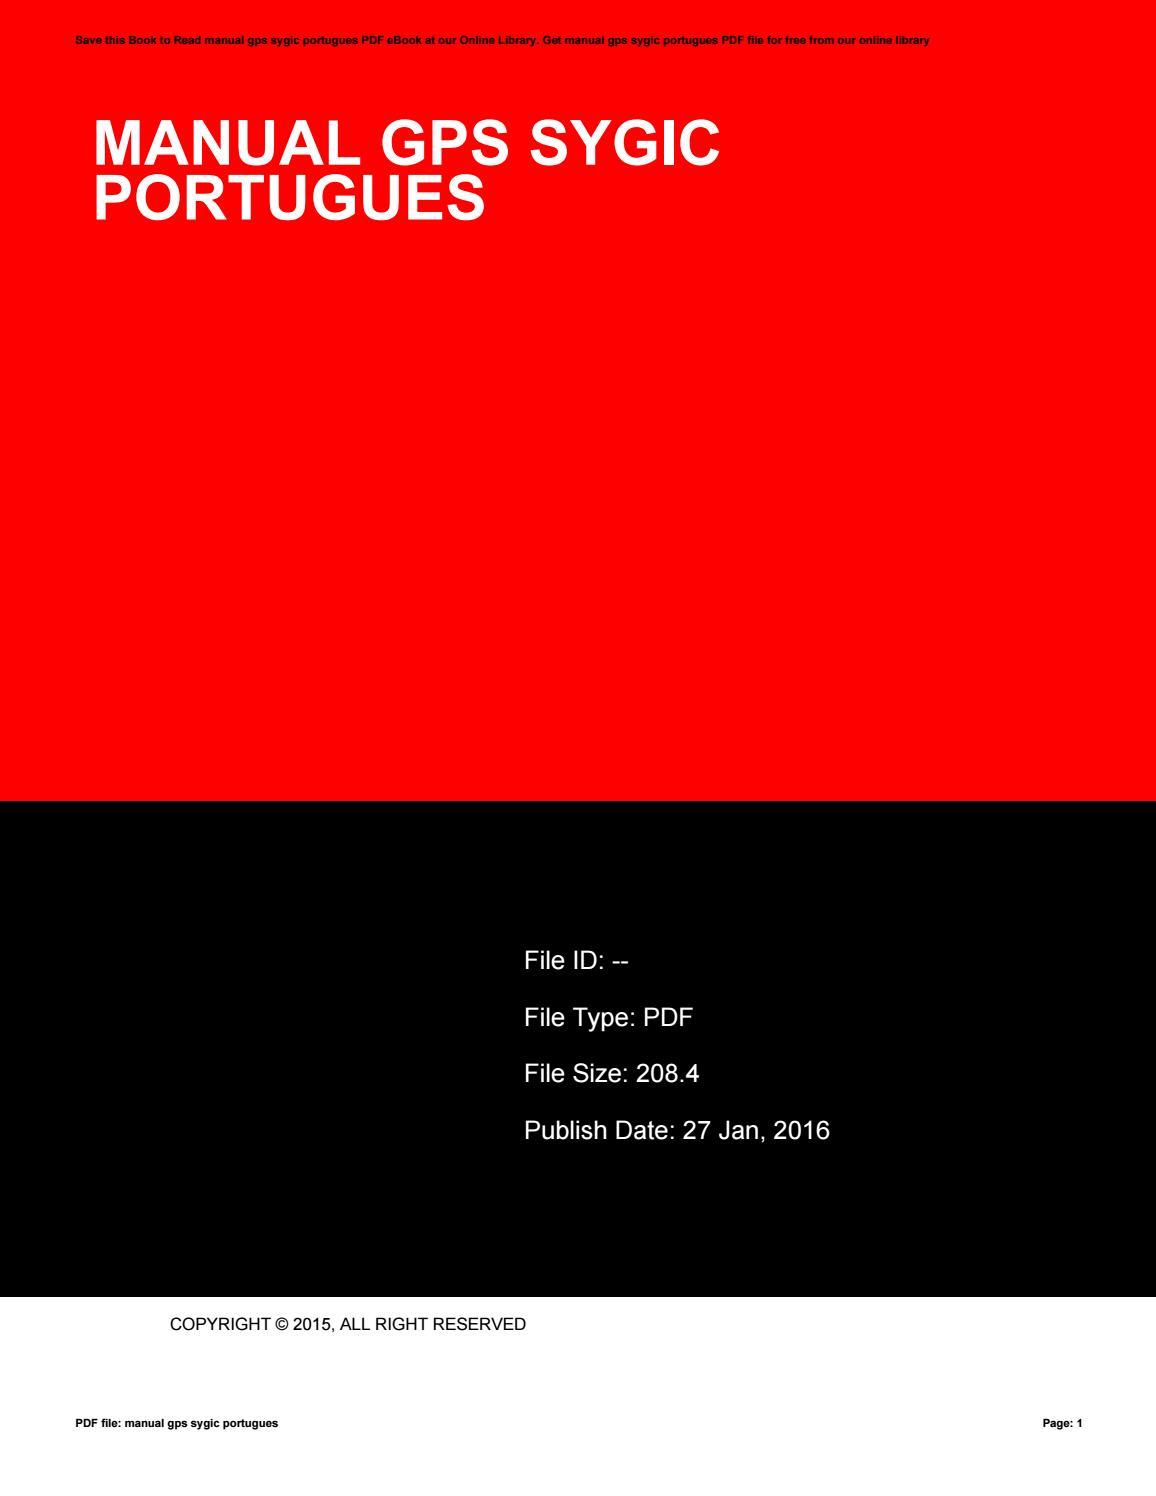 Manual gps sygic portugues by rolas23telu - issuu